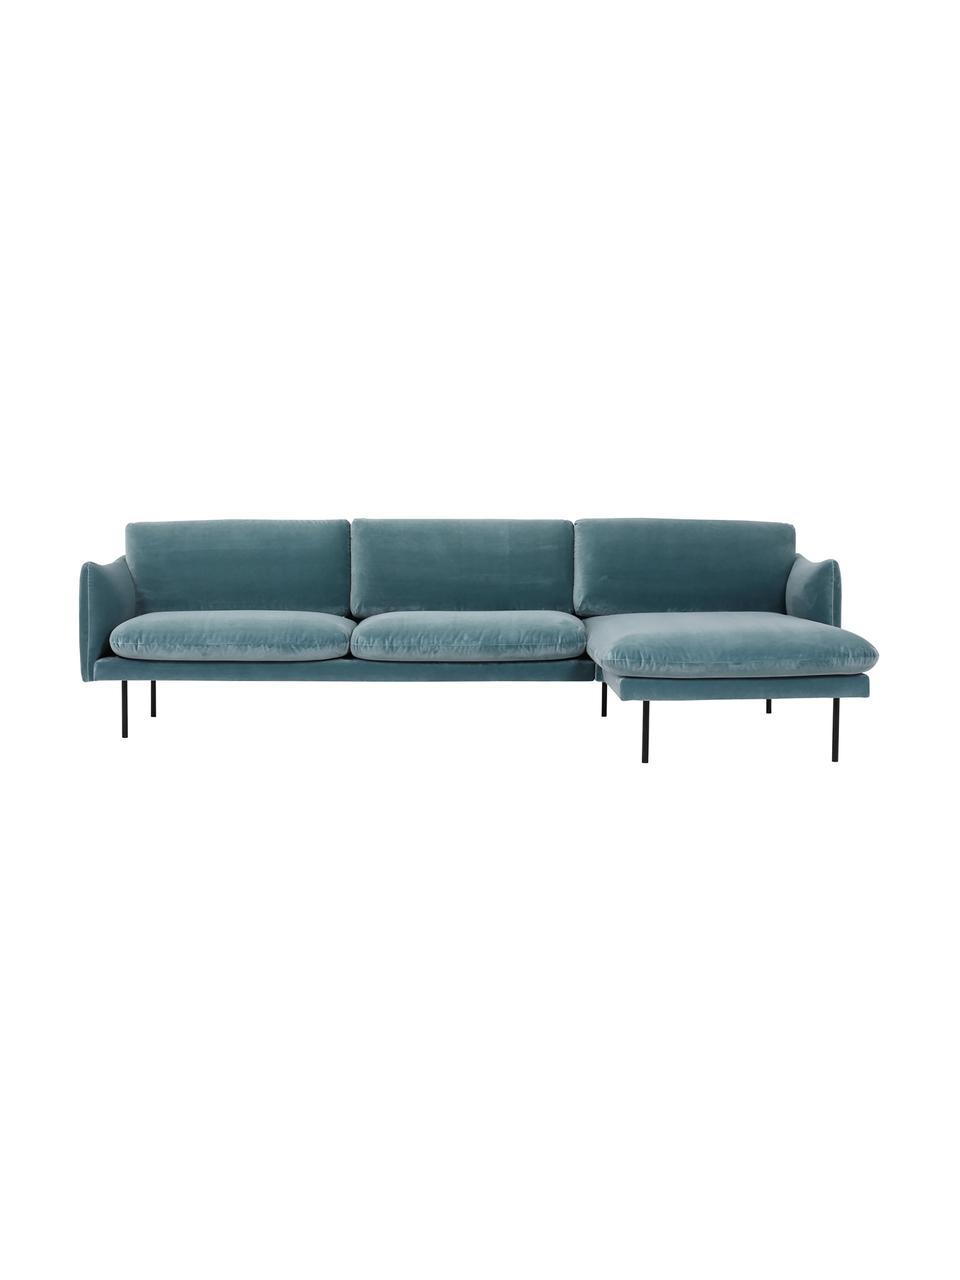 Fluwelen hoekbank Moby in turquoise met metalen poten, Bekleding: fluweel (hoogwaardig poly, Frame: massief grenenhout, Poten: gepoedercoat metaal, Fluweel turquoise, B 280 x D 160 cm